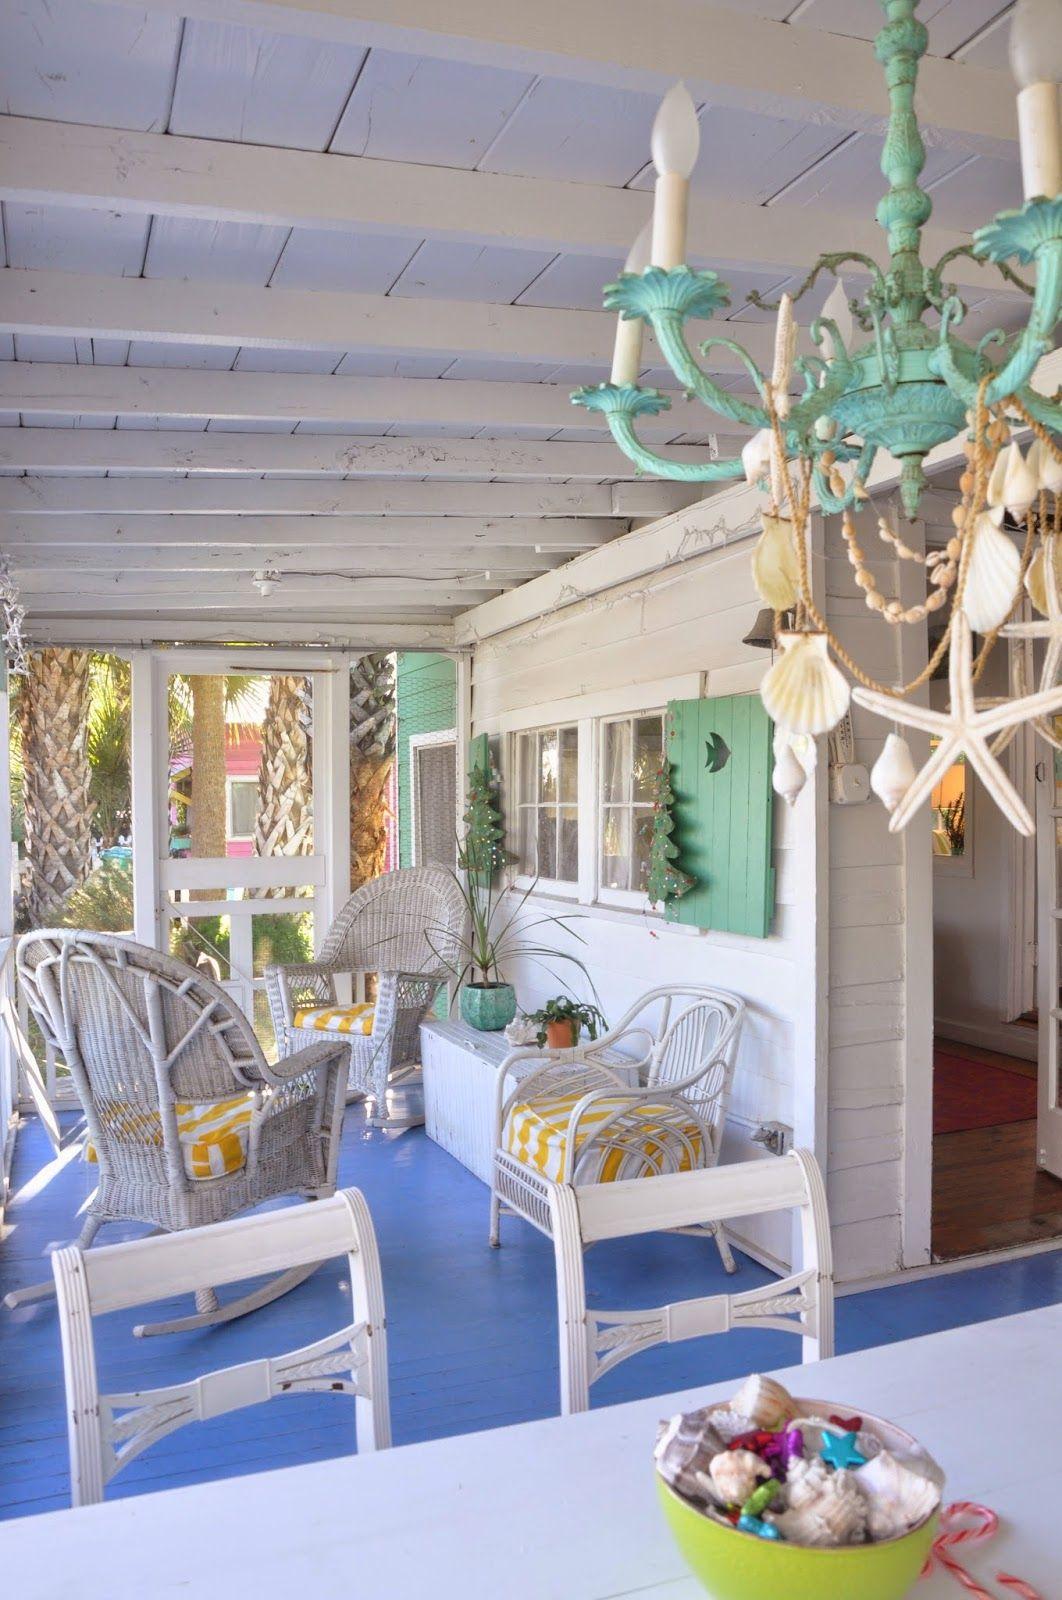 Jane Coslick Cottages : The Cottage Tour…a few images... #beachcottageideas